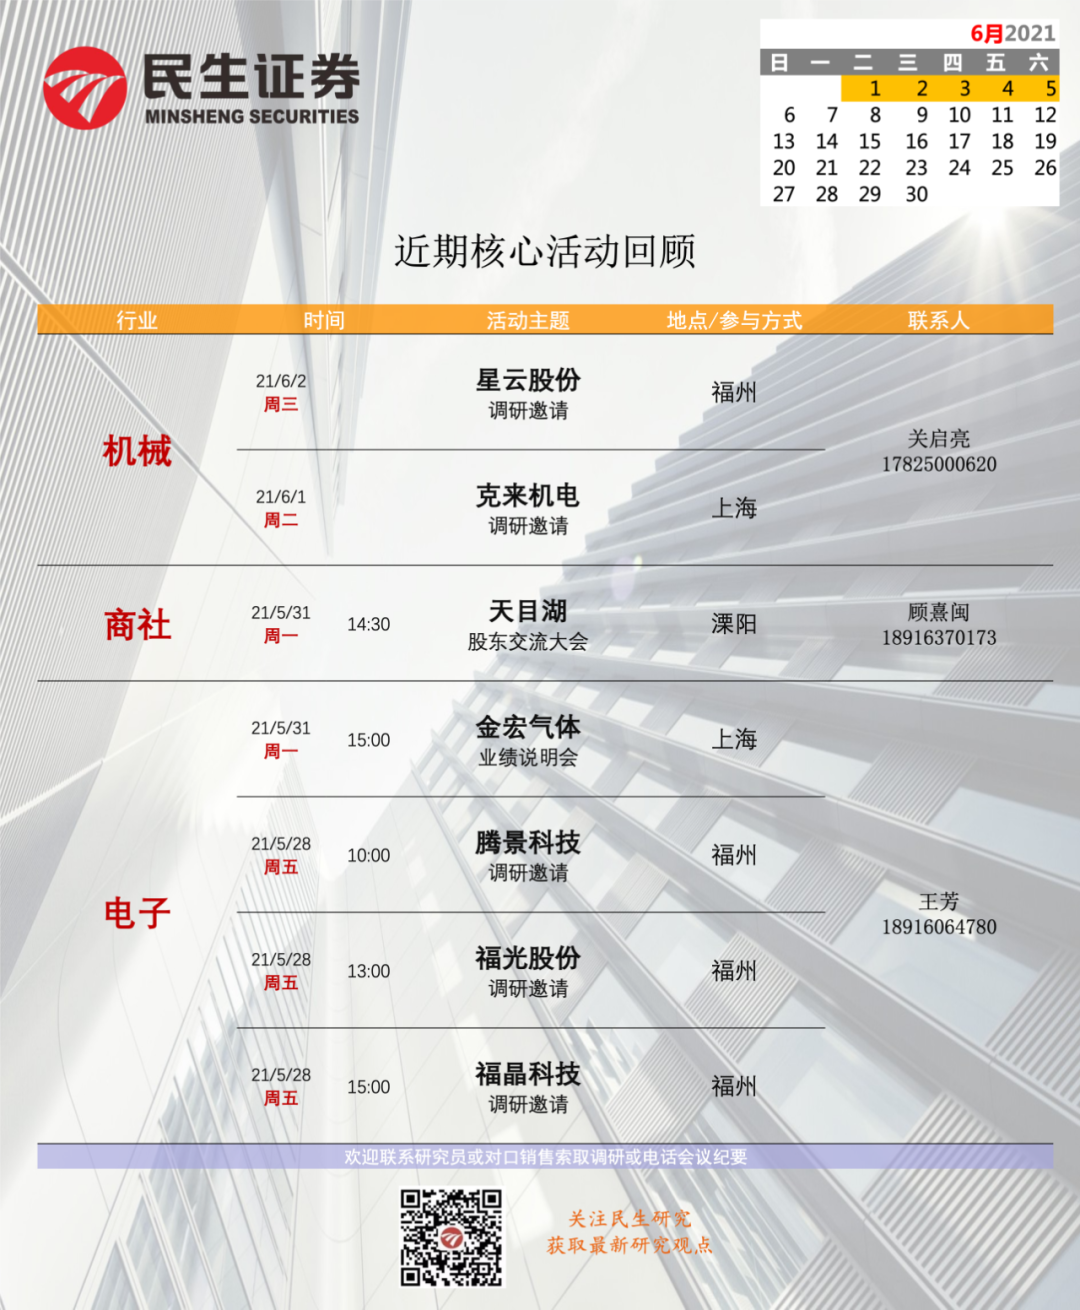 【民生证券研究院】晨会纪要20210607